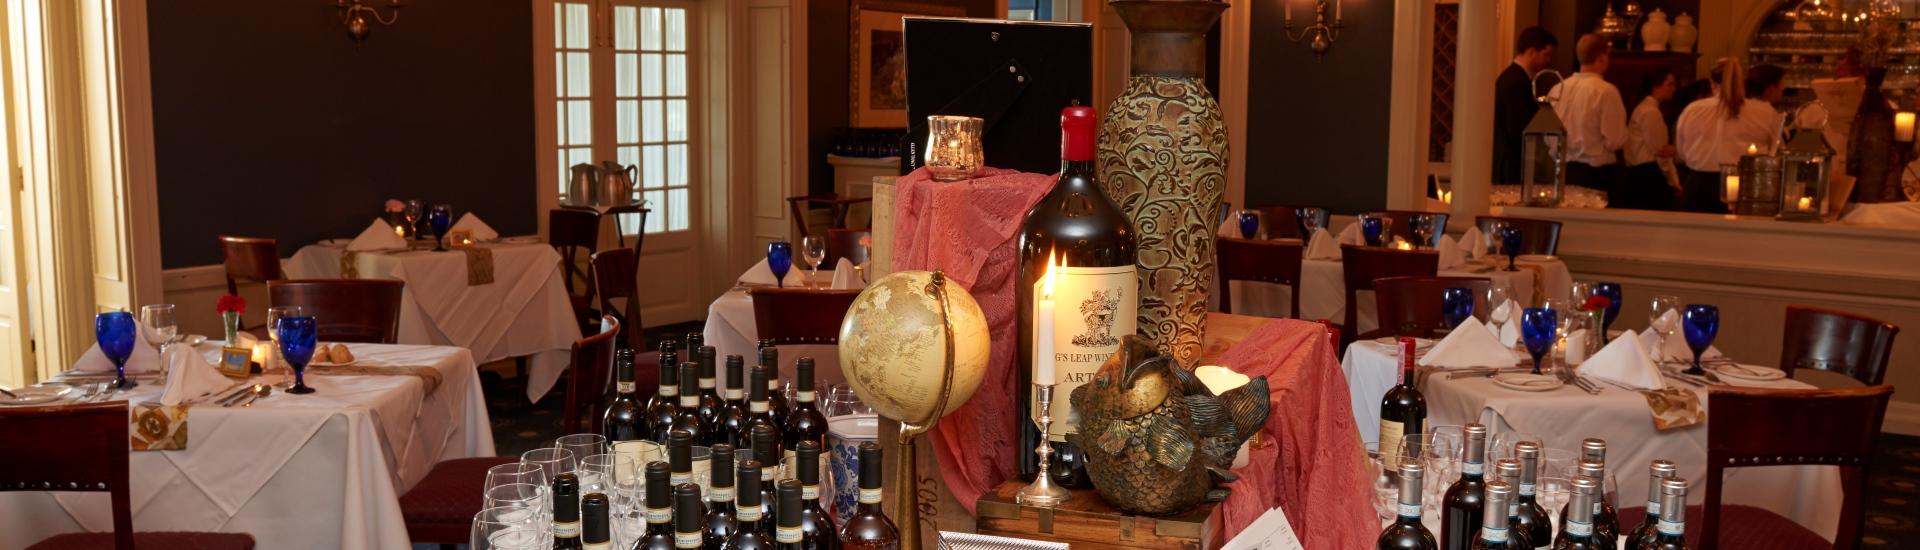 Table set ups for Wine Dinner